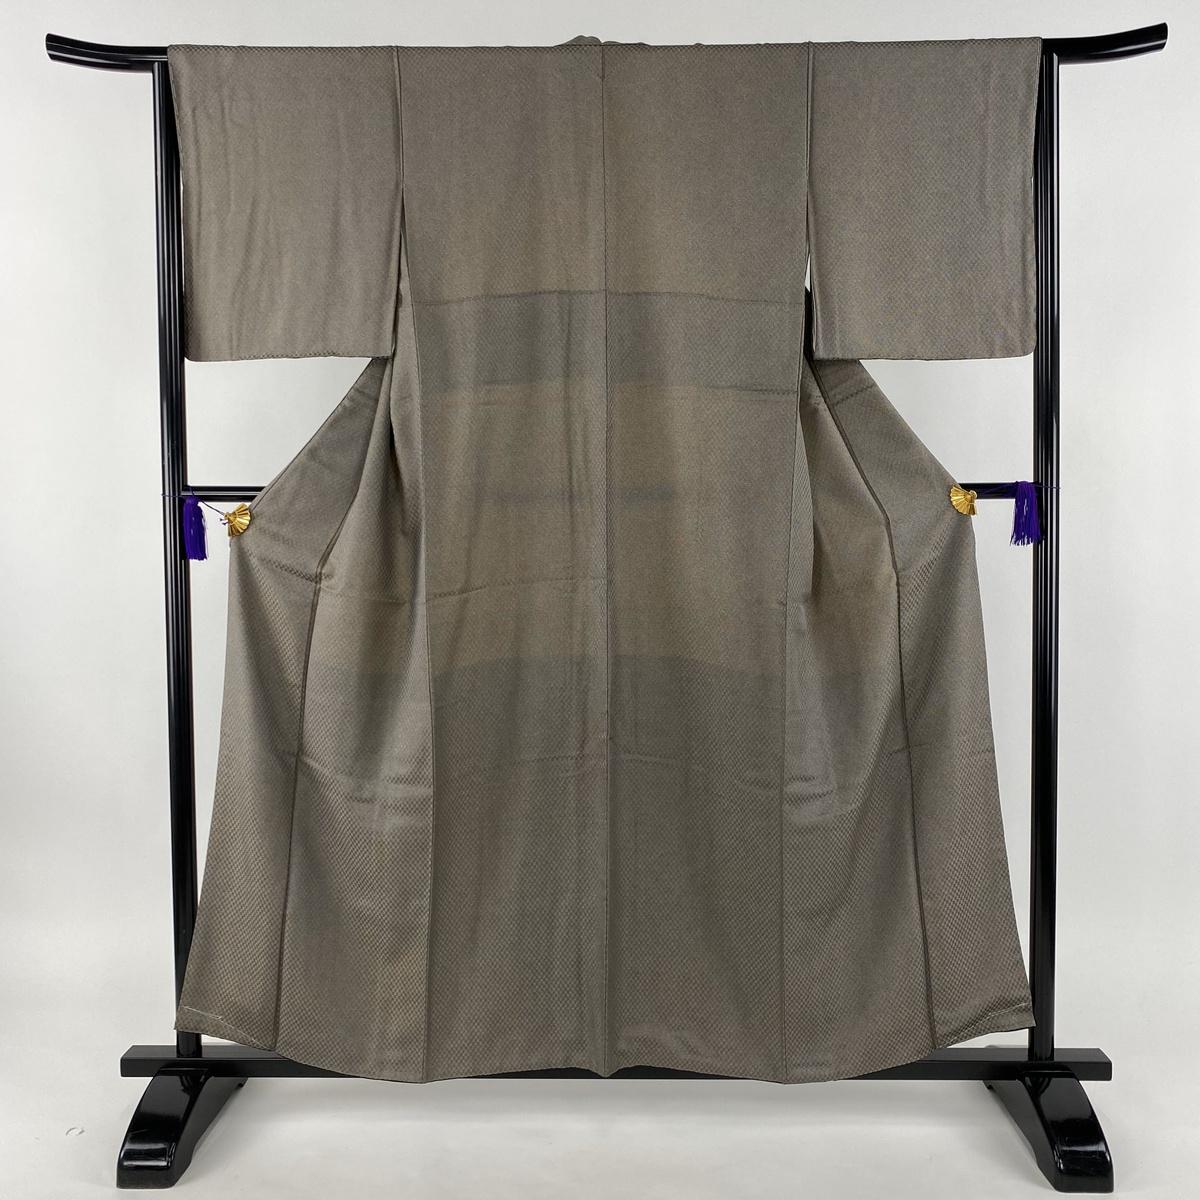 江戸小紋 美品 秀品 鮫 焦茶色 袷 身丈157cm 裄丈64.5cm M 正絹 【中古】